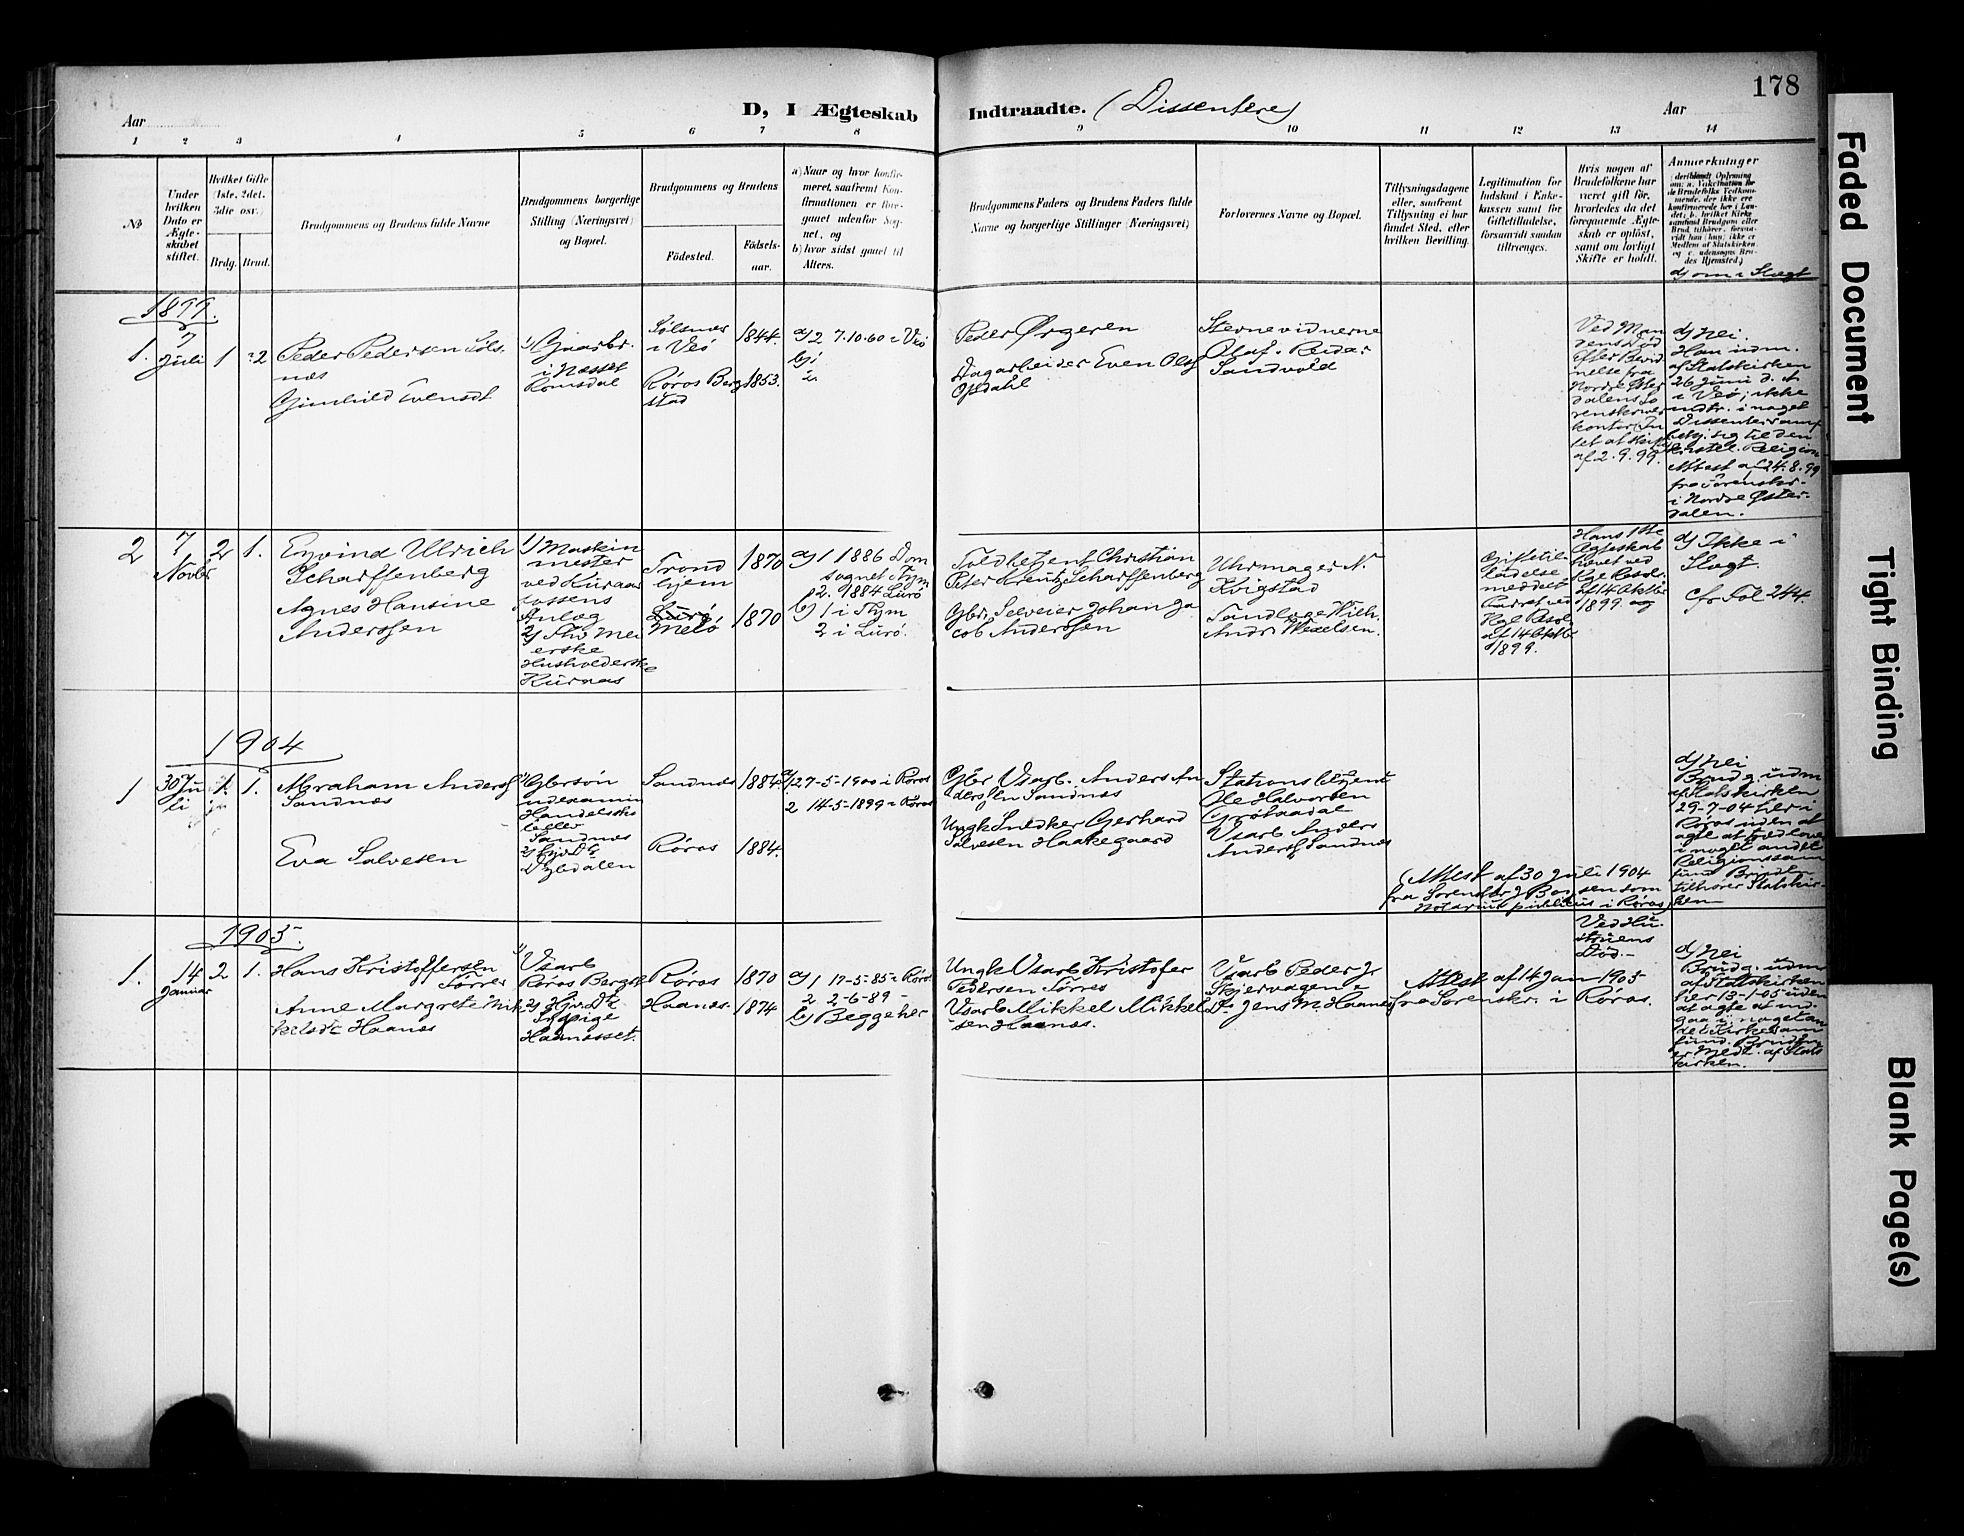 SAT, Ministerialprotokoller, klokkerbøker og fødselsregistre - Sør-Trøndelag, 681/L0936: Ministerialbok nr. 681A14, 1899-1908, s. 178